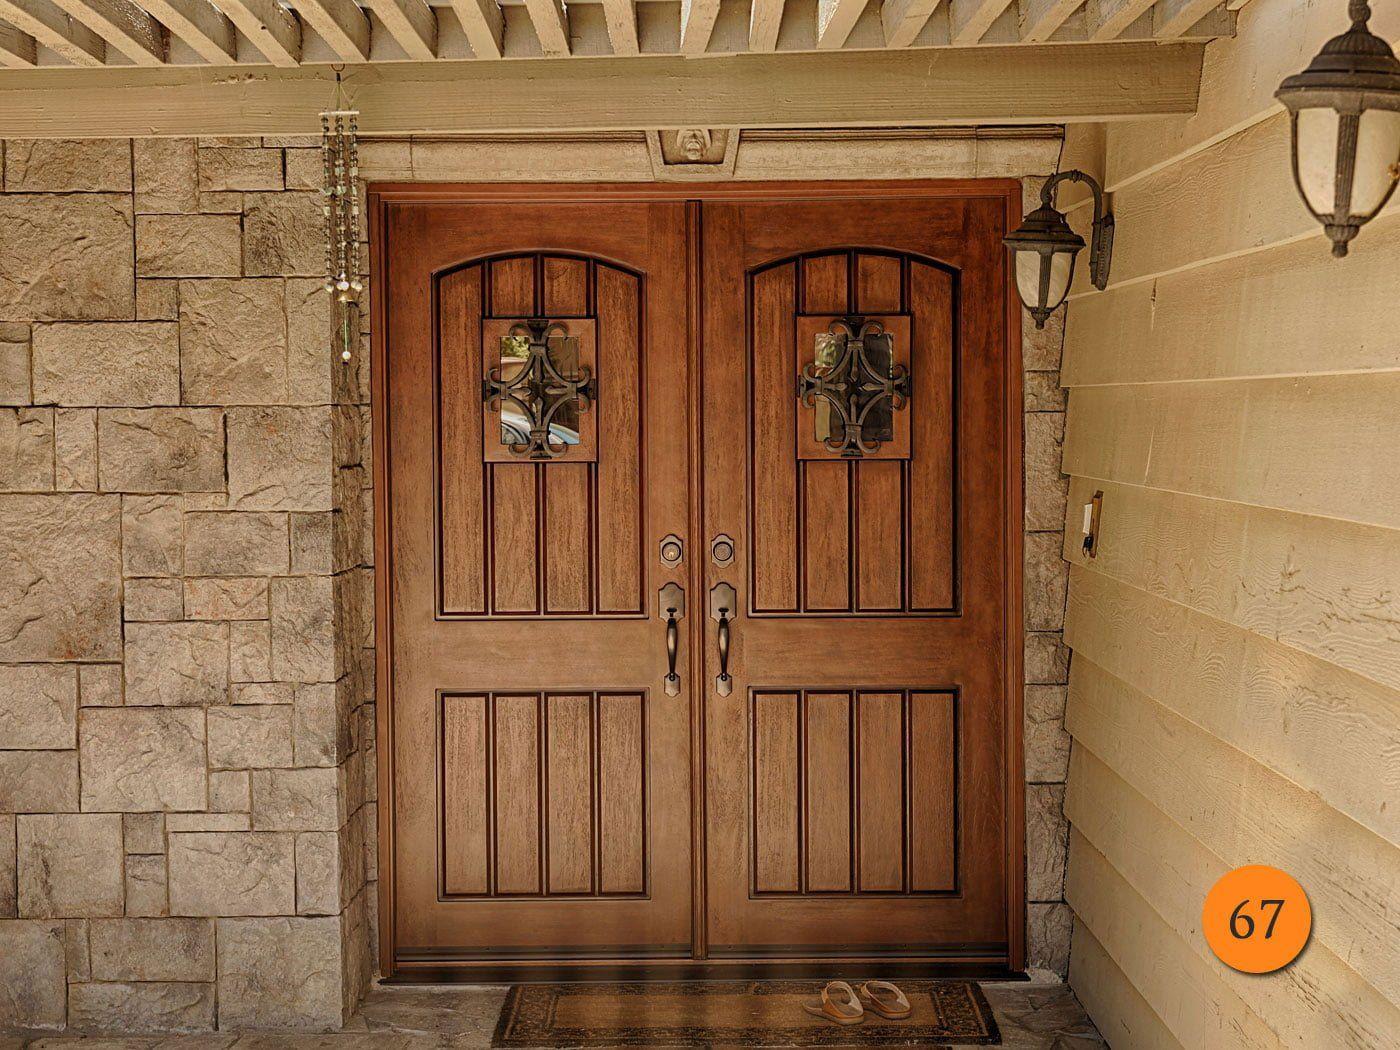 Rustic Entry Doors Fiberglass Todays Entry Doors In 2020 Double Doors Exterior Double Front Entry Doors Double Entry Doors